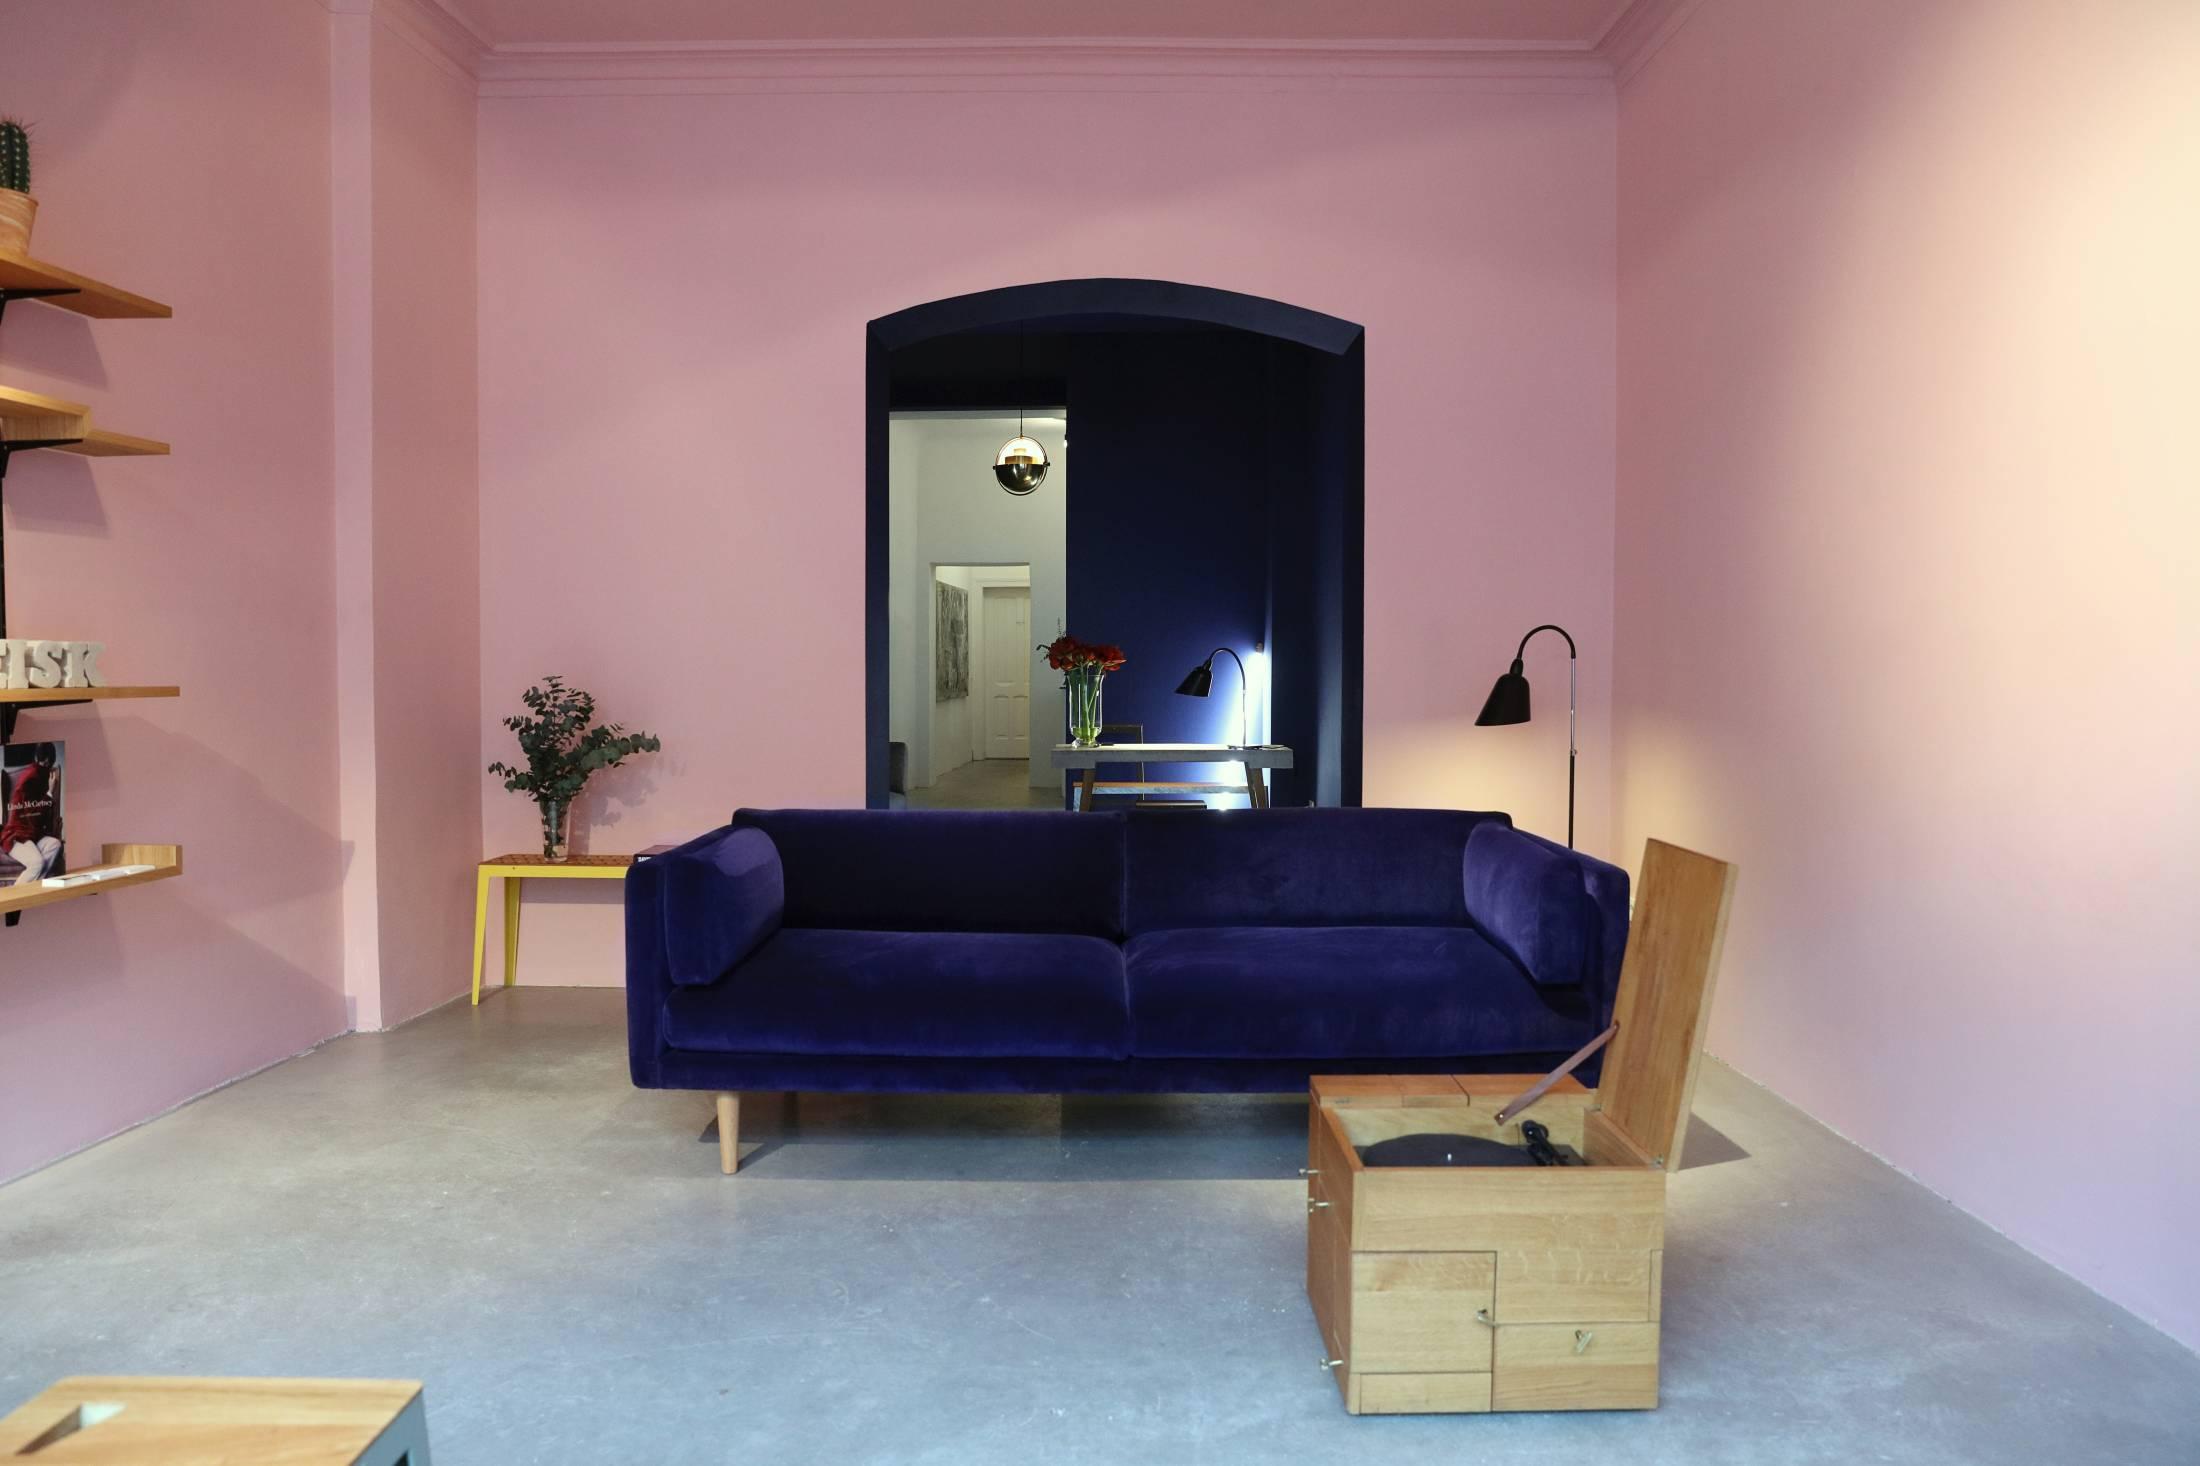 Sigurd-Larsen-design-architecture-furniture-Pop-Up-Store-Torstraße-berlin-2-1100x733@2x.jpg